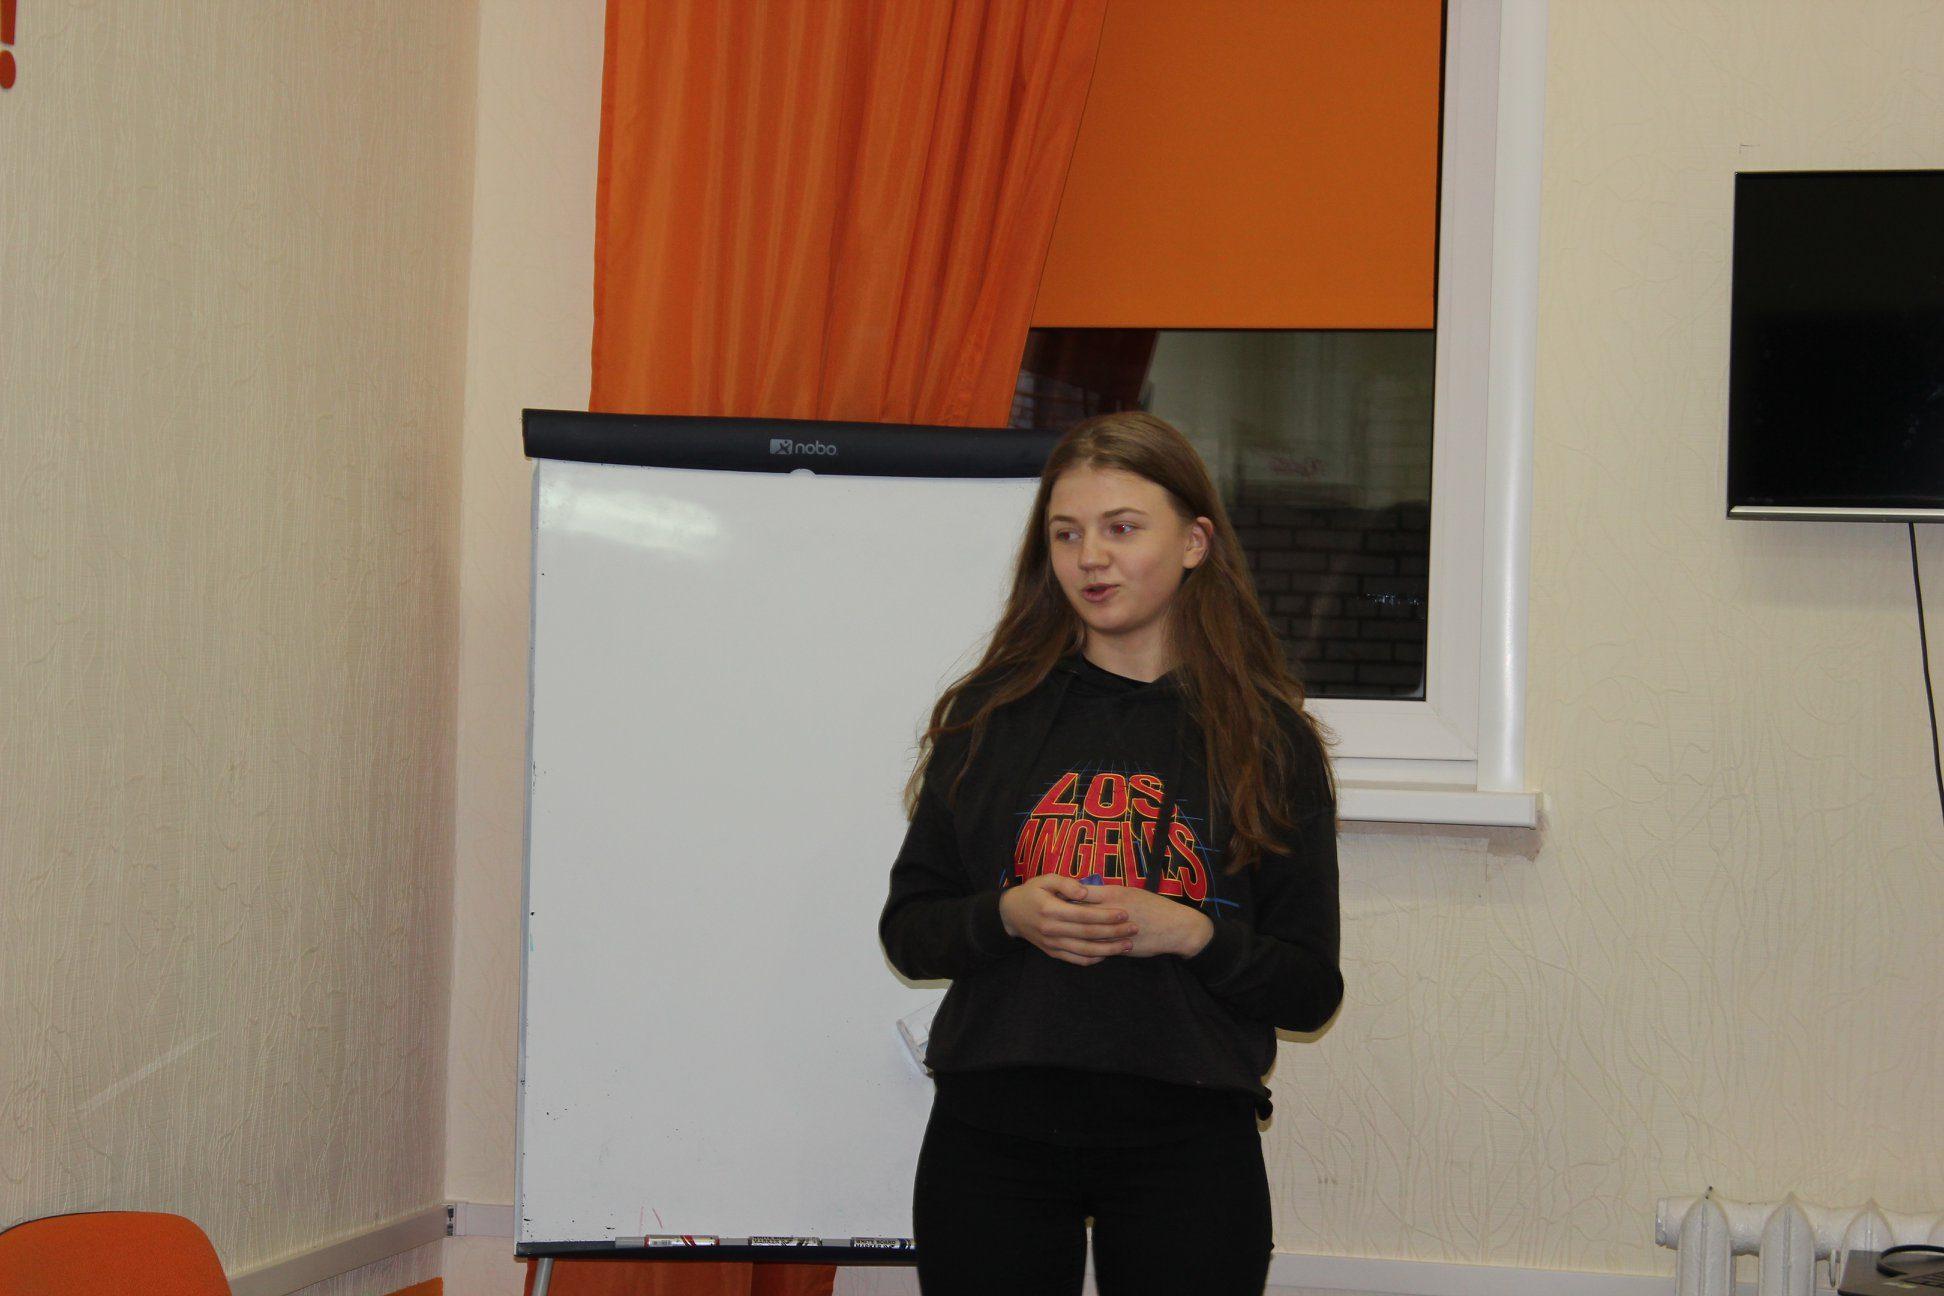 Ораторское искусство Дмитрий Смирнов 10